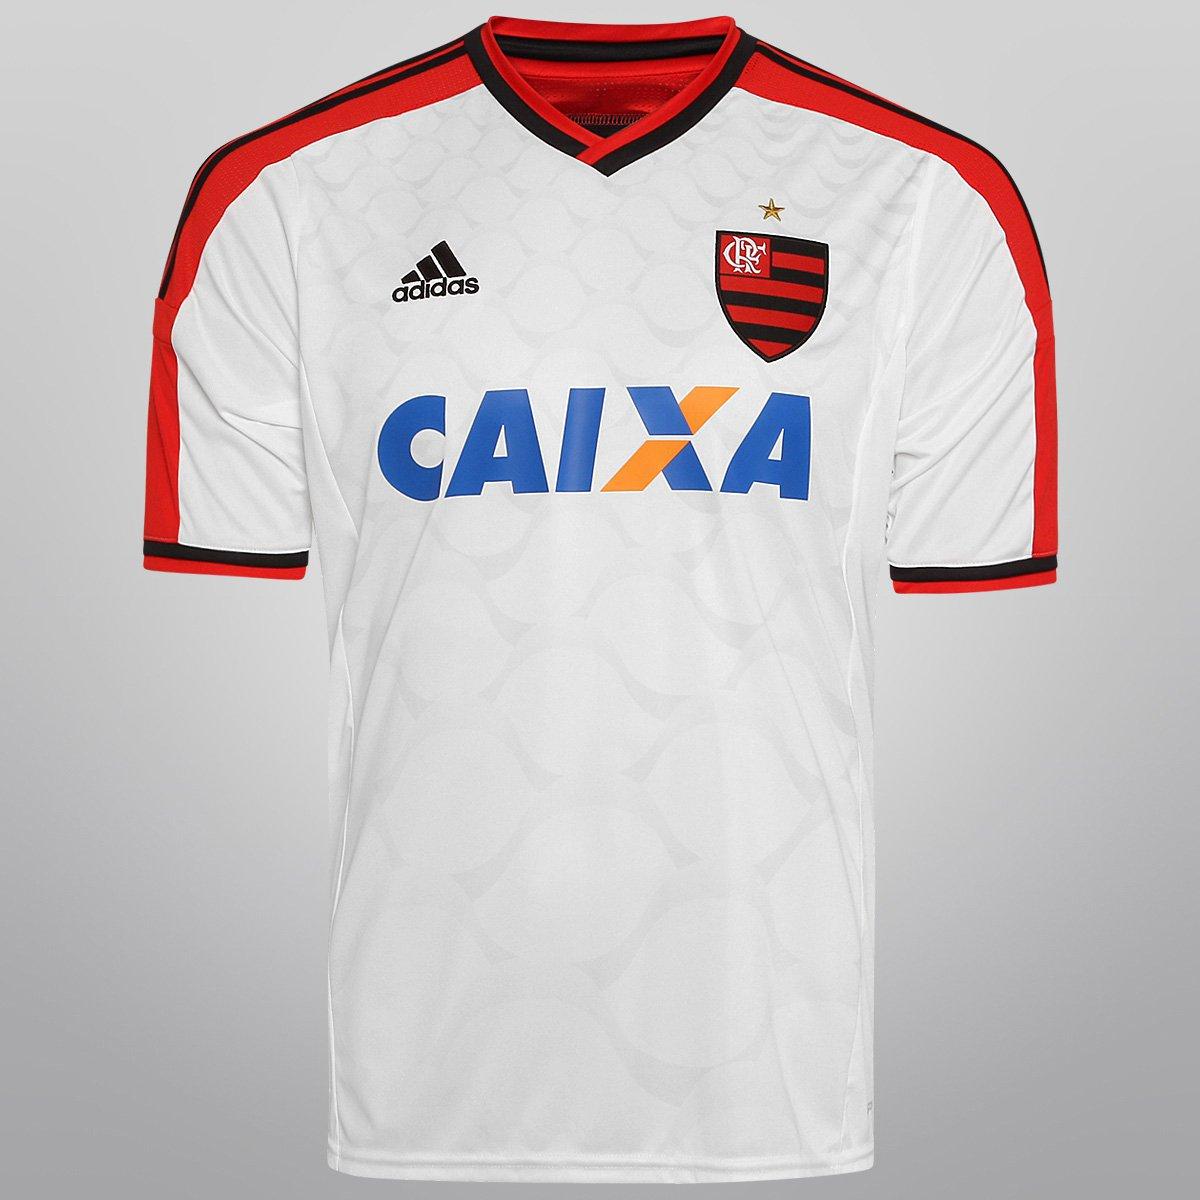 Camisa Adidas Flamengo II 14 15 s nº - Branco e Vermelho - Compre ... 2013ba3140428